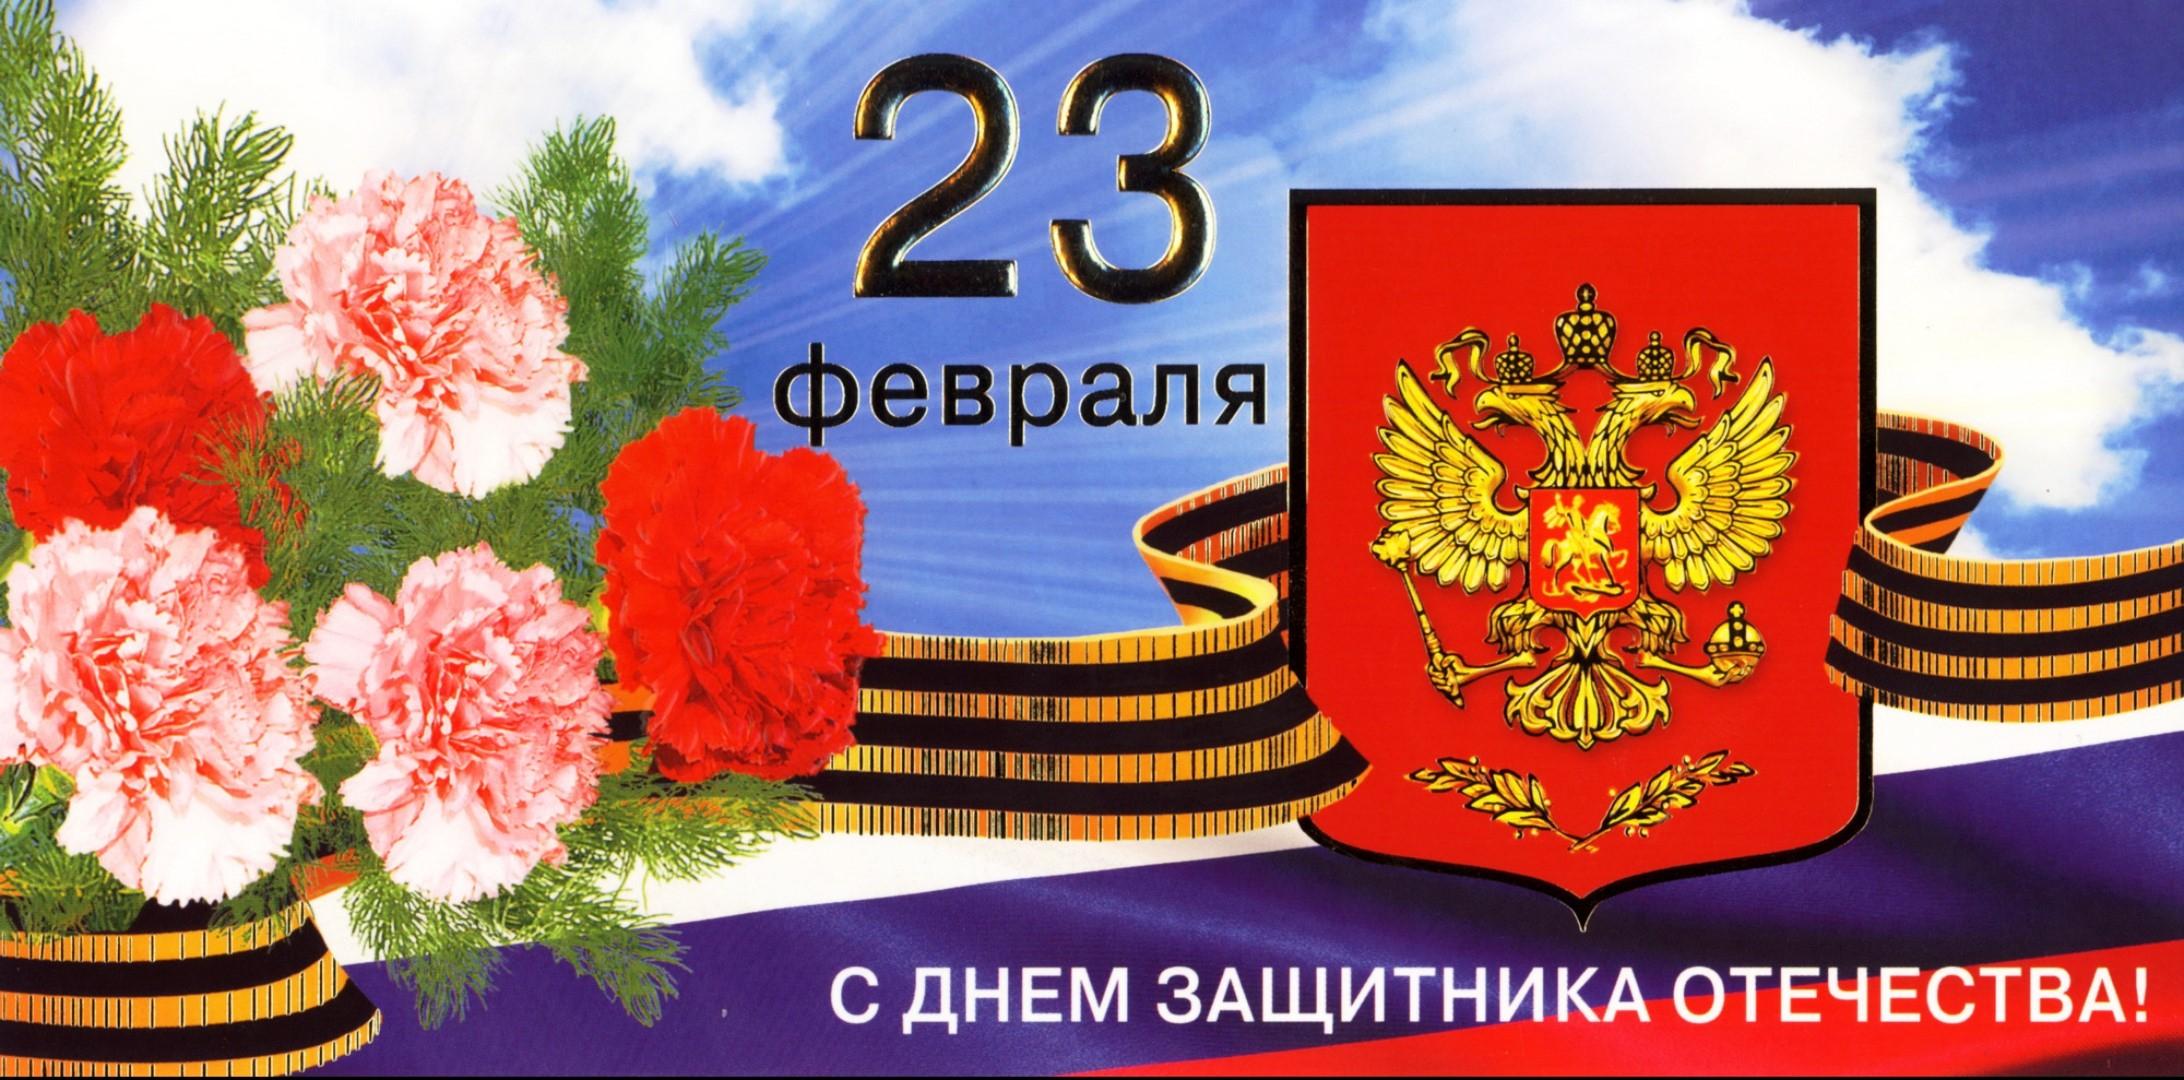 Делать, открытки с днем защитника отечества февраля